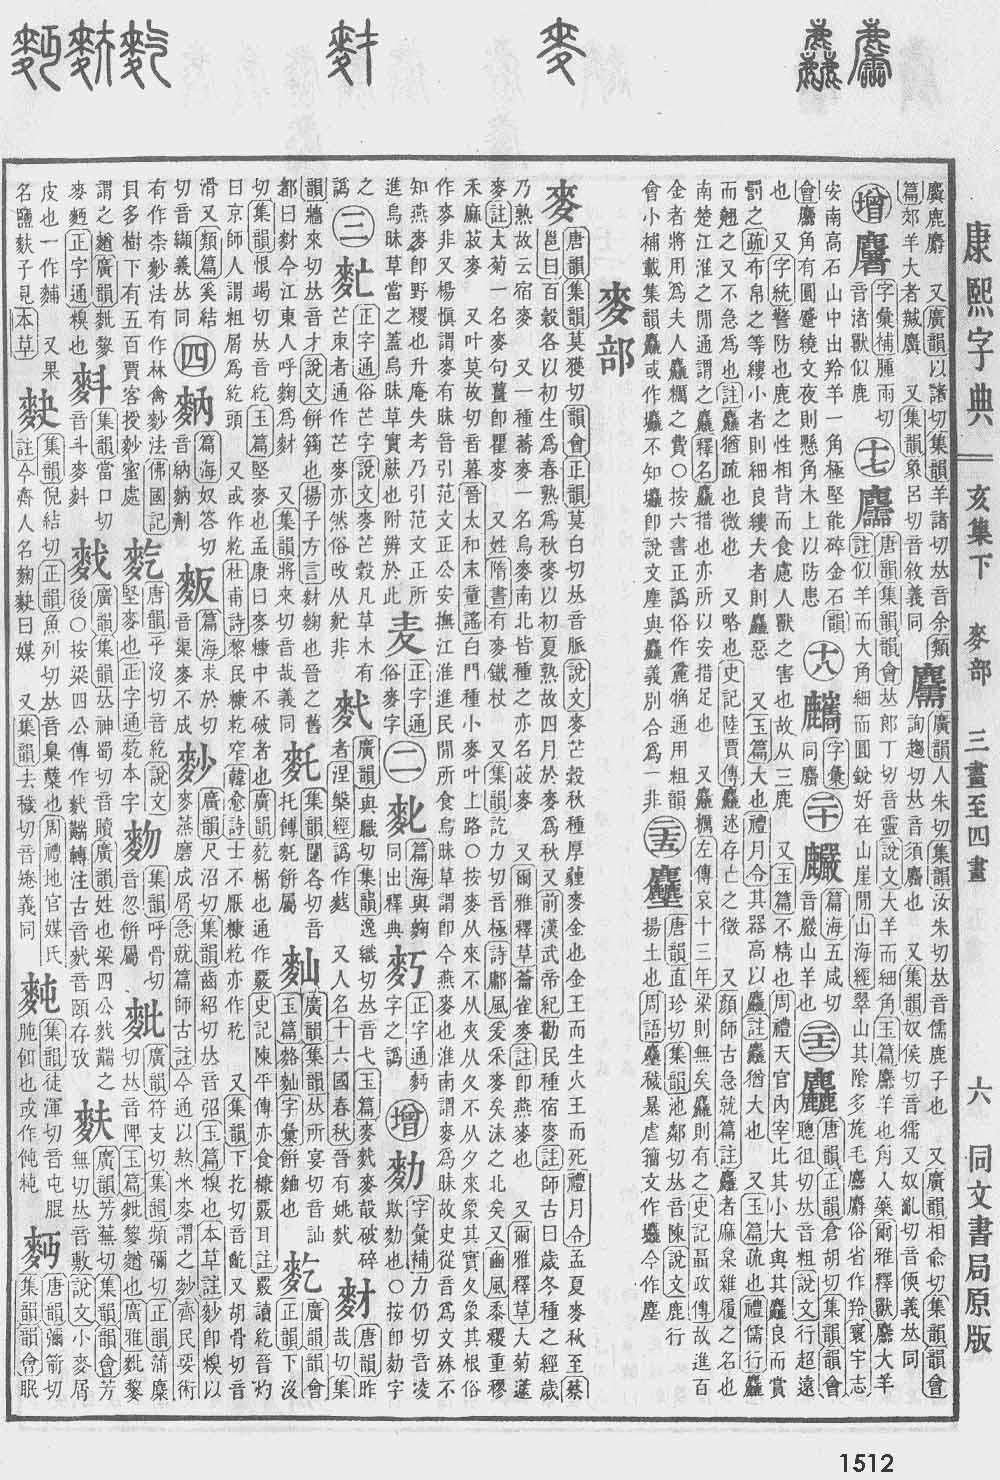 《康熙字典》第1512页